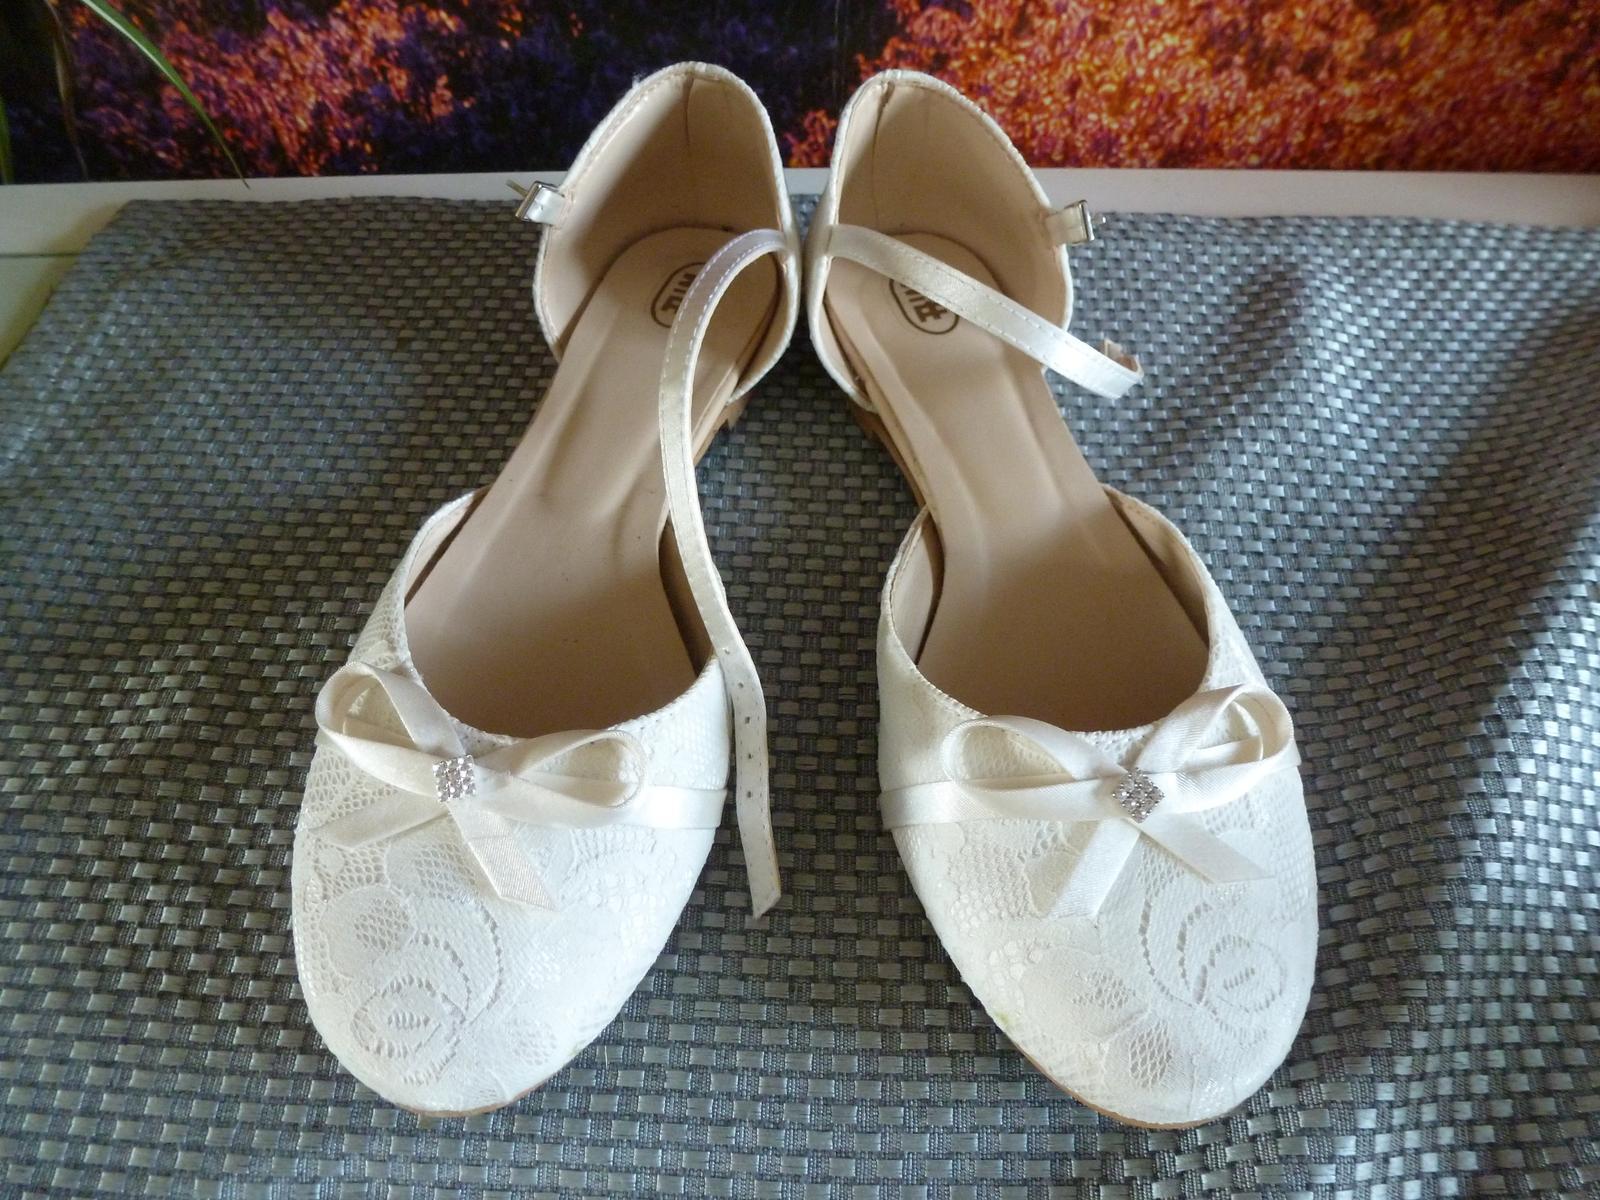 Svatební boty, vel. 38 - Obrázek č. 1